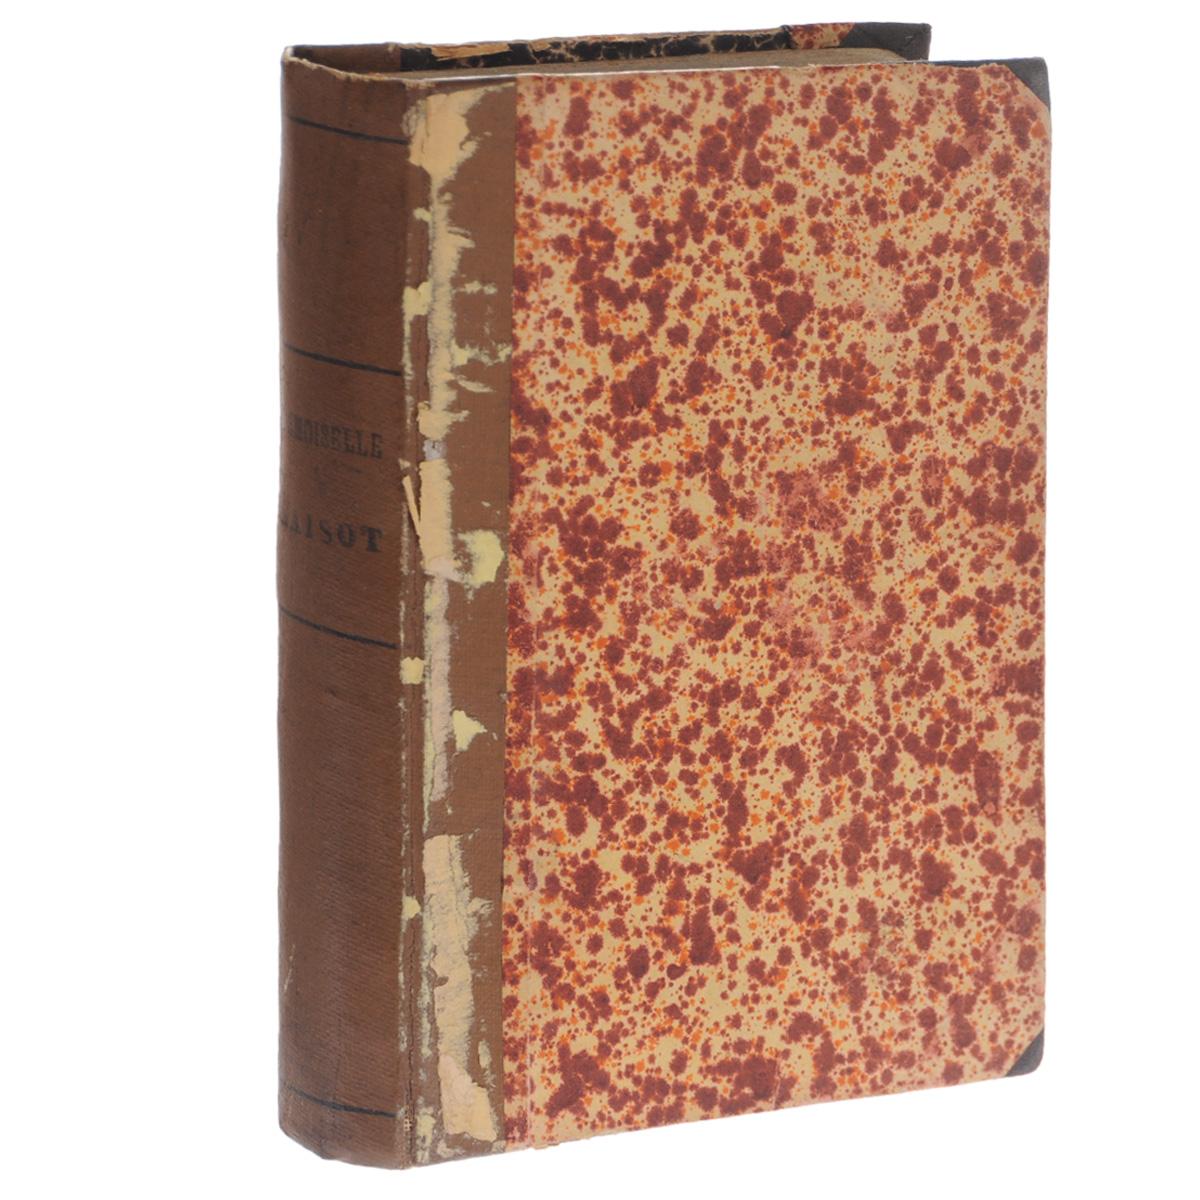 Mademoiselle BlaisotUDC425072Париж, 1884 г., Calmann-Levy. Владельческий переплет, сохранность хорошая. На первых страницах книги имеются владельческие пометки карандашом и чернилами. Предлагаем вашему вниманию книгу на французском языке Mademoiselle Blaisot. Издание не подлежит вывозу за пределы Российской Федерации.